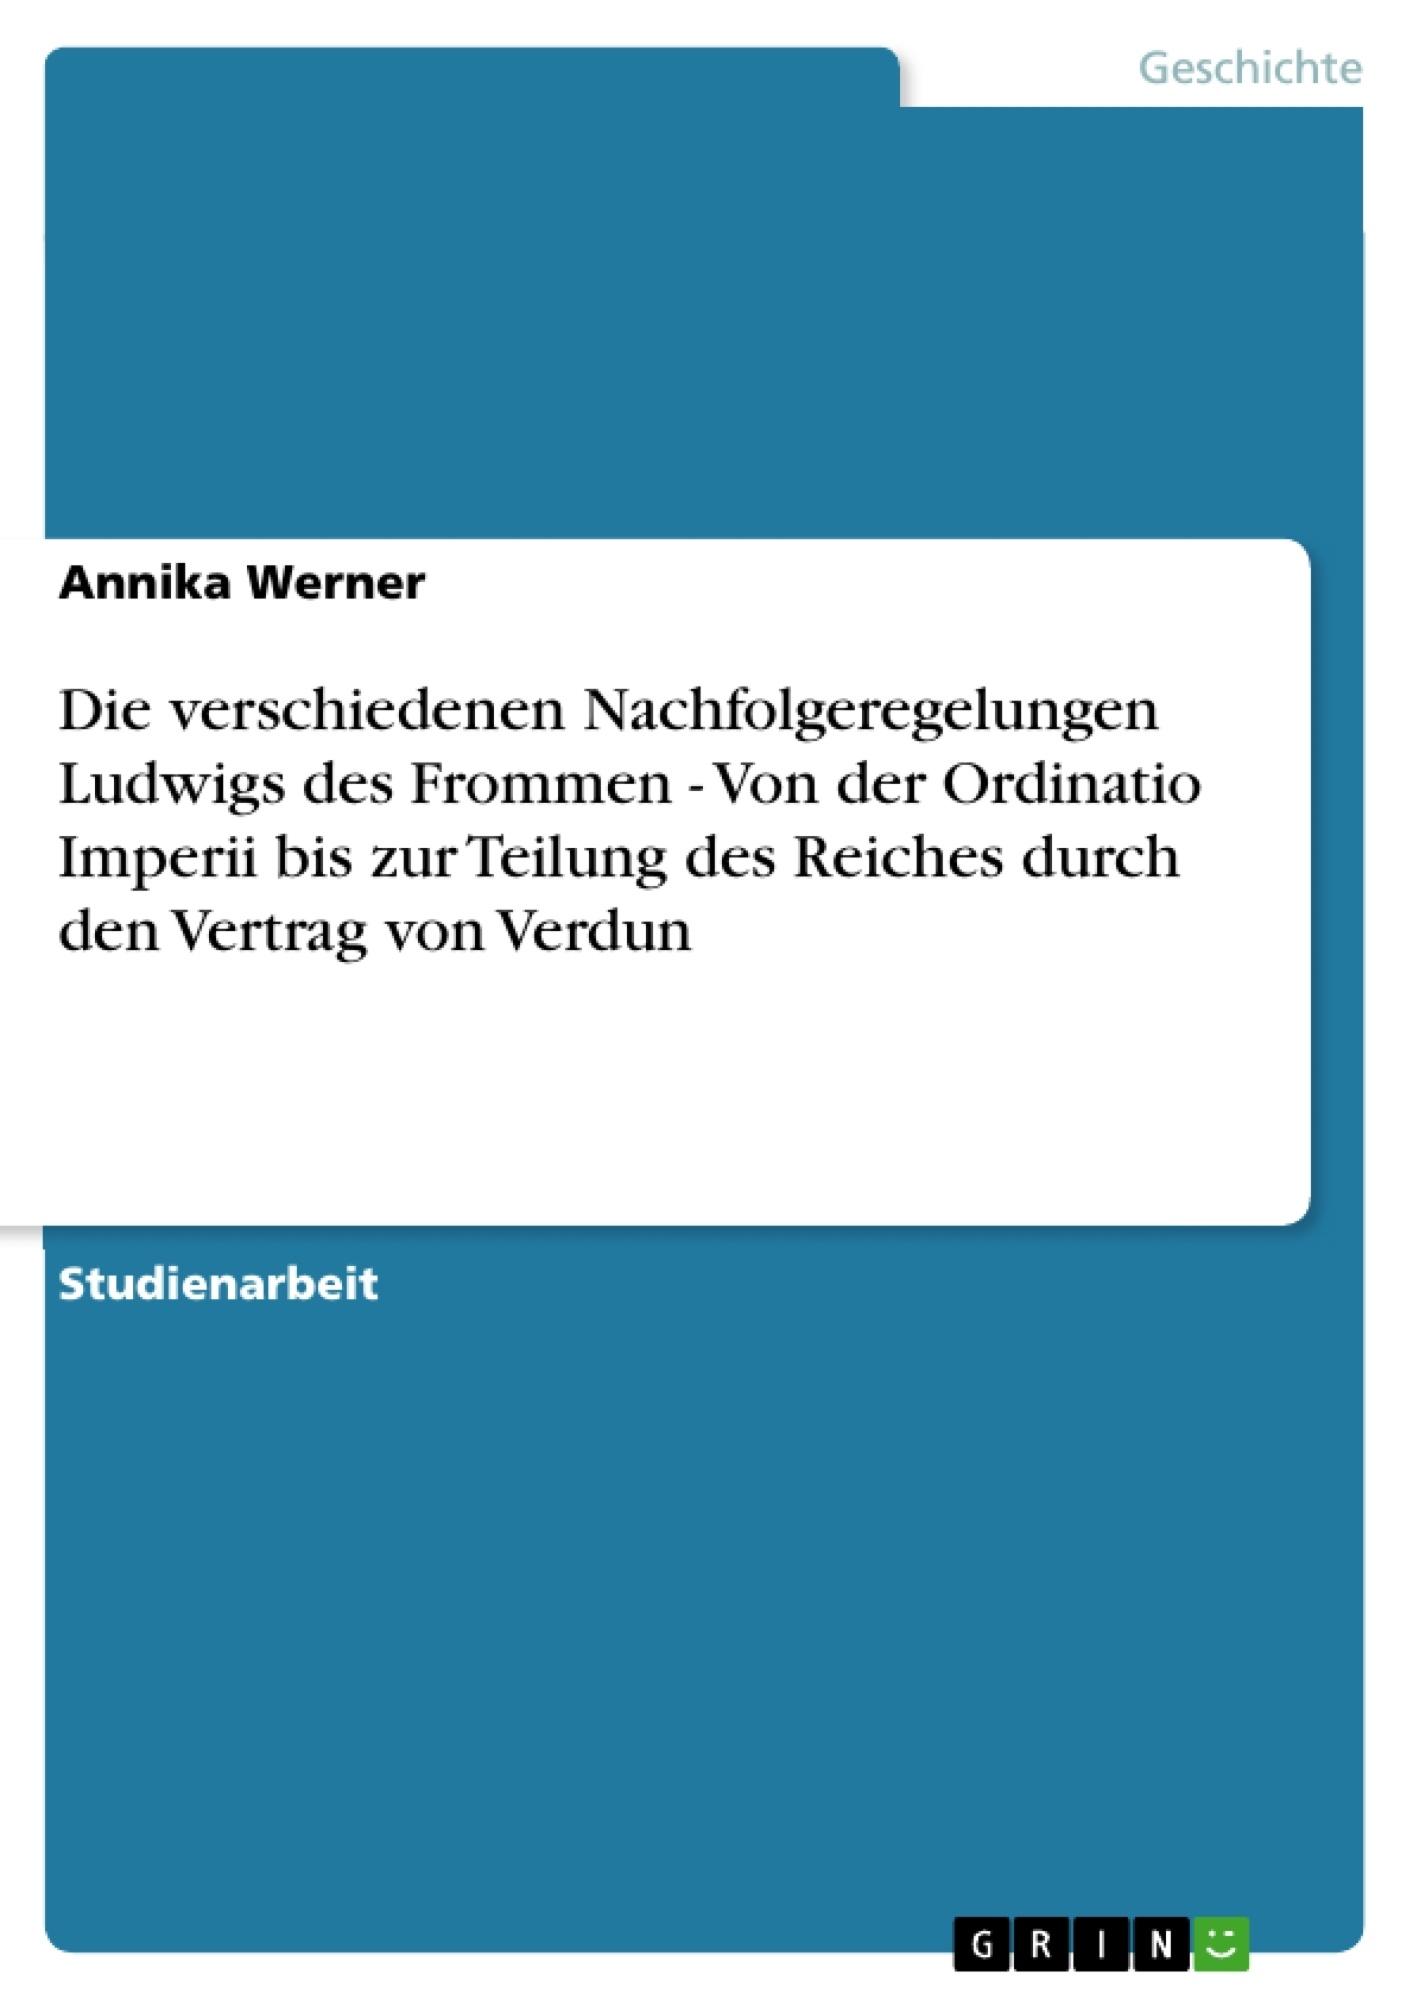 Titel: Die verschiedenen Nachfolgeregelungen Ludwigs des Frommen - Von der Ordinatio Imperii bis zur Teilung des Reiches durch den Vertrag von Verdun